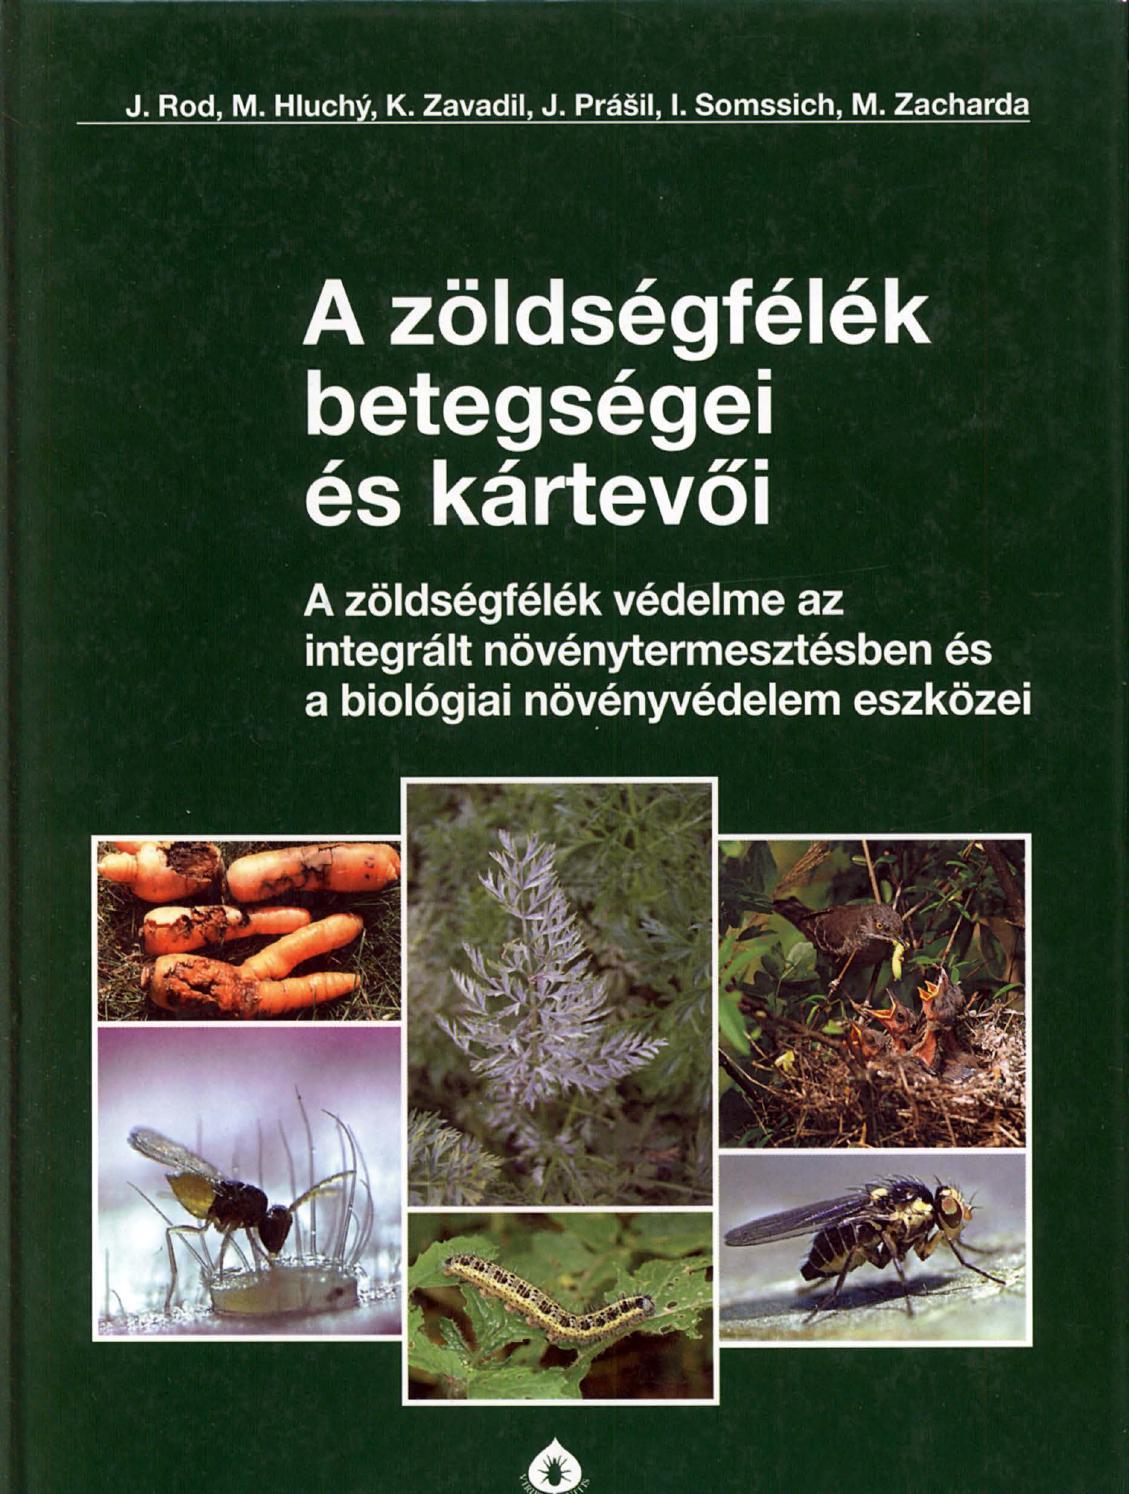 ektoparaziták és endoparaziták példái